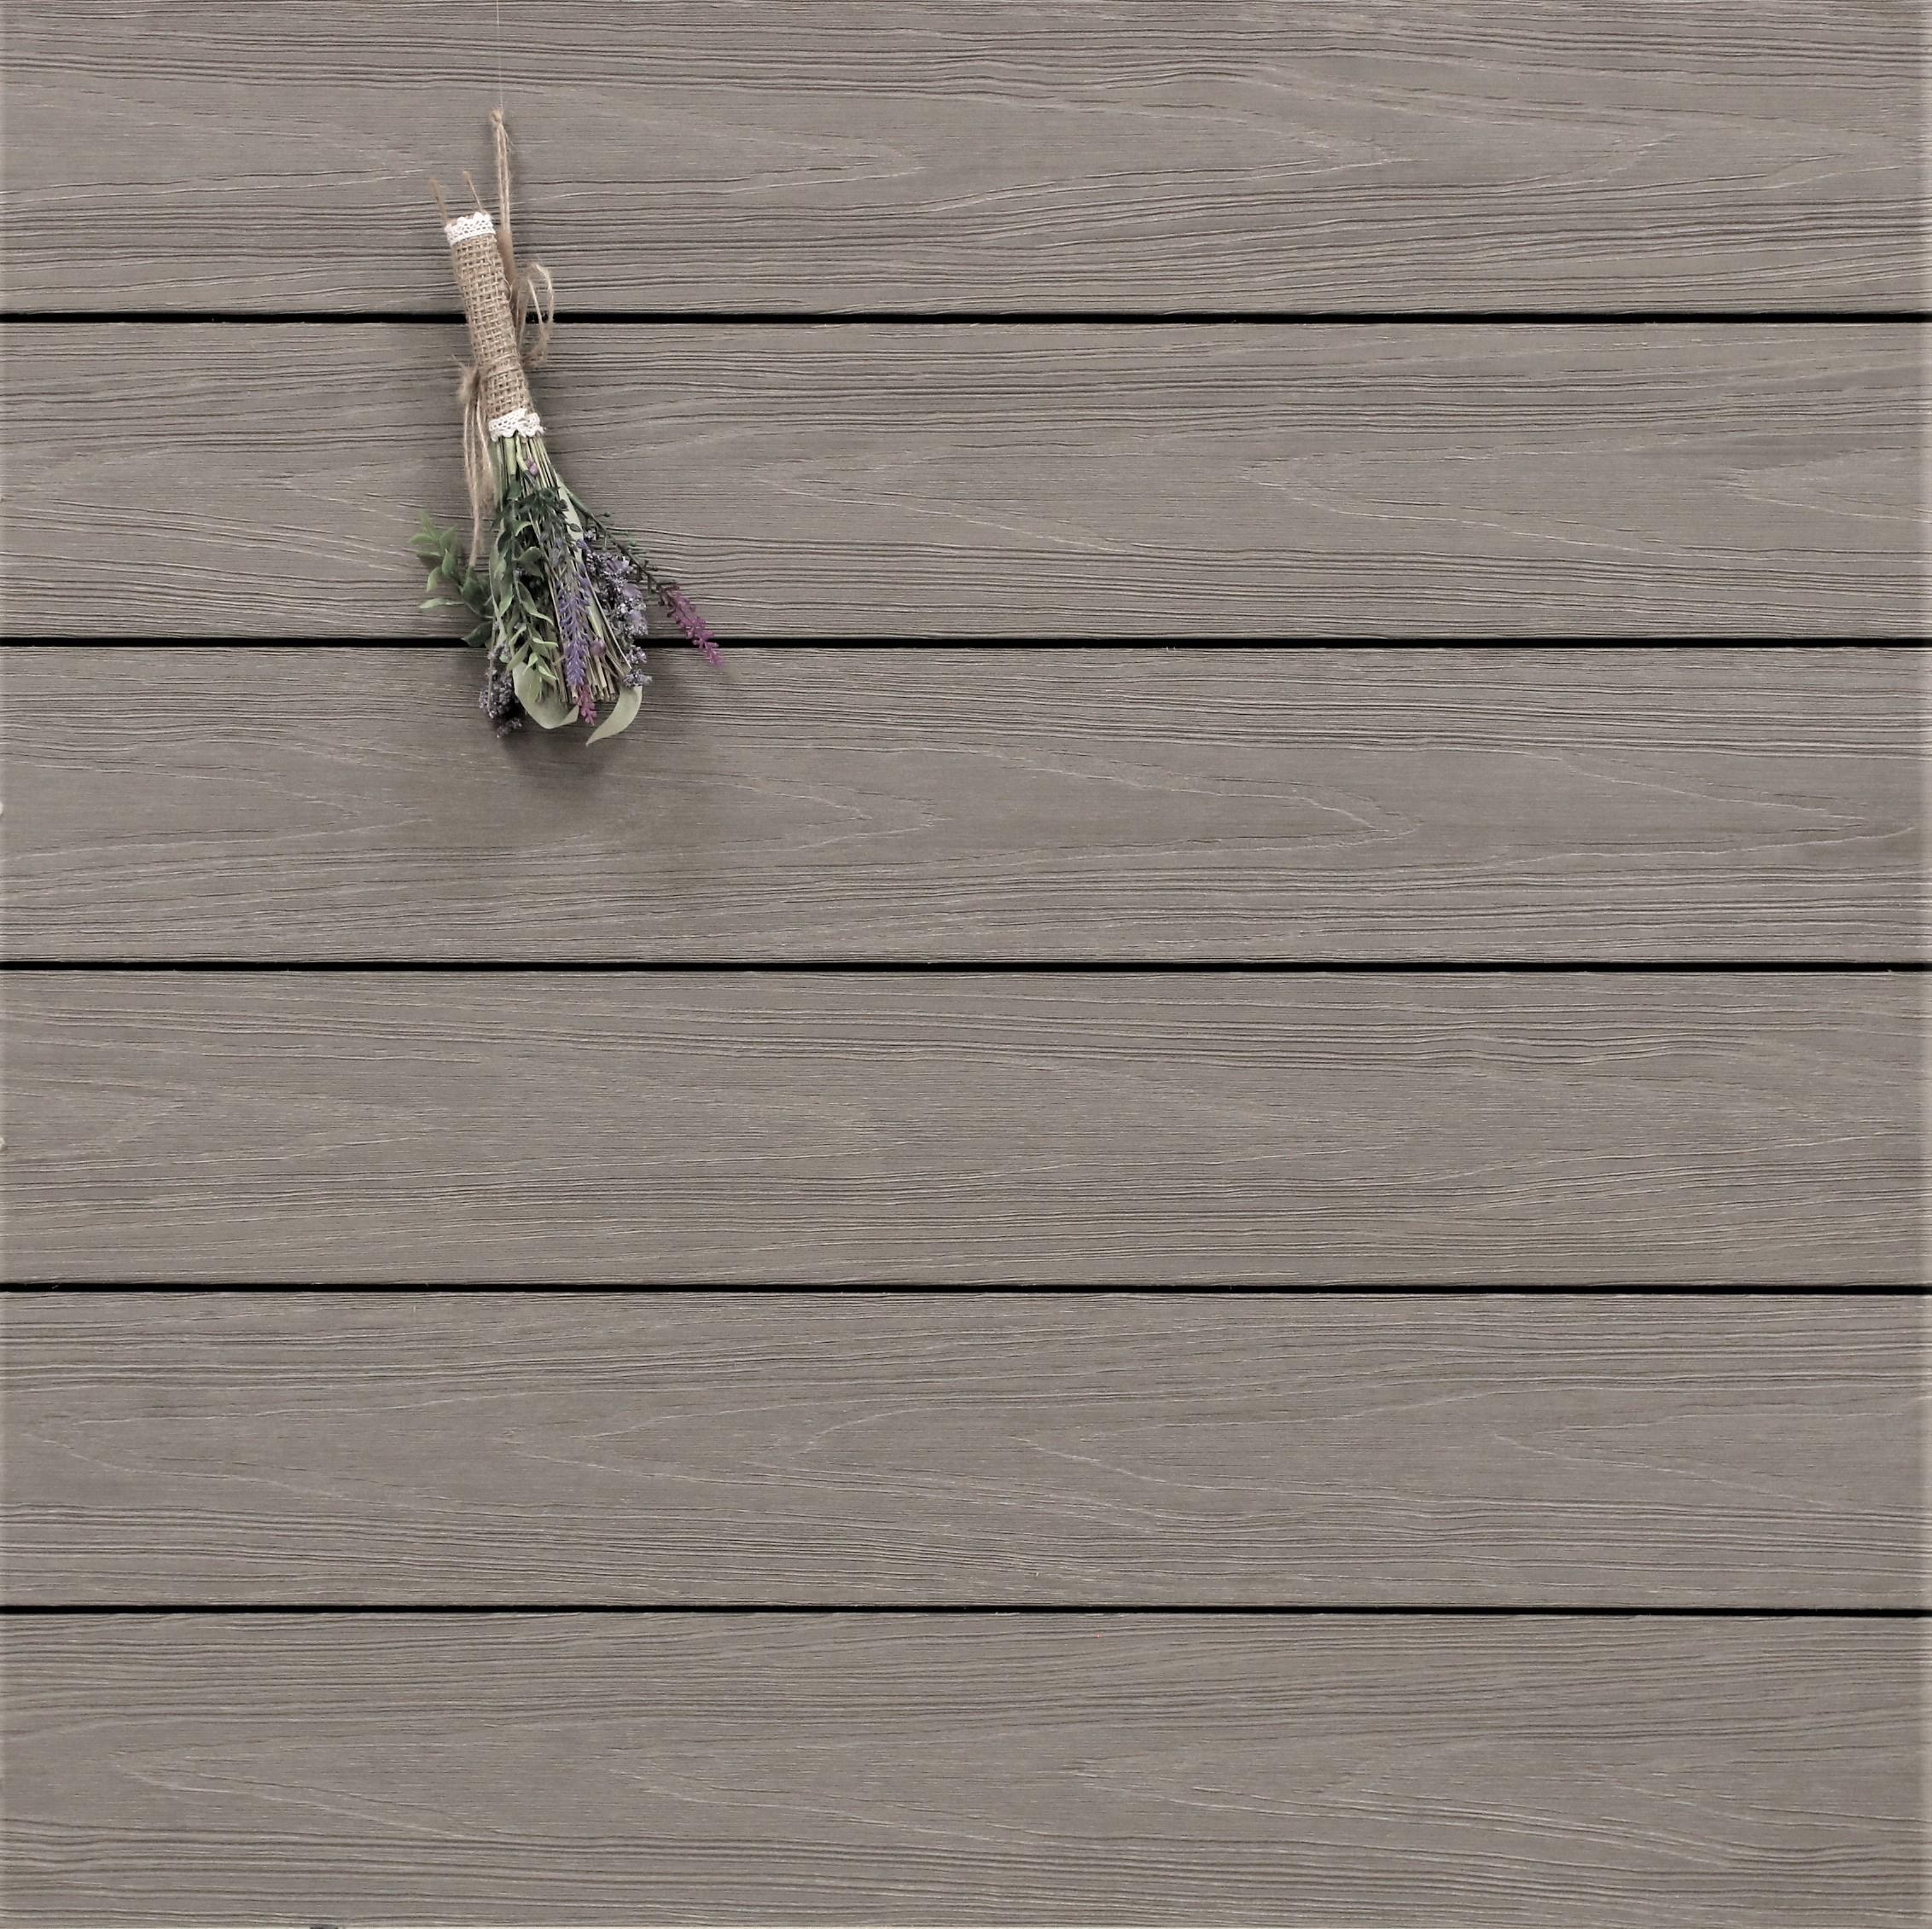 WPC Terrasse Tessera, ummantelt, massiv, grau, Oberfläche mit Struktur in Holzoptik, Premium, 22 x 143 bis 4800 mm, Vollprofil für 10,40 €/lfm